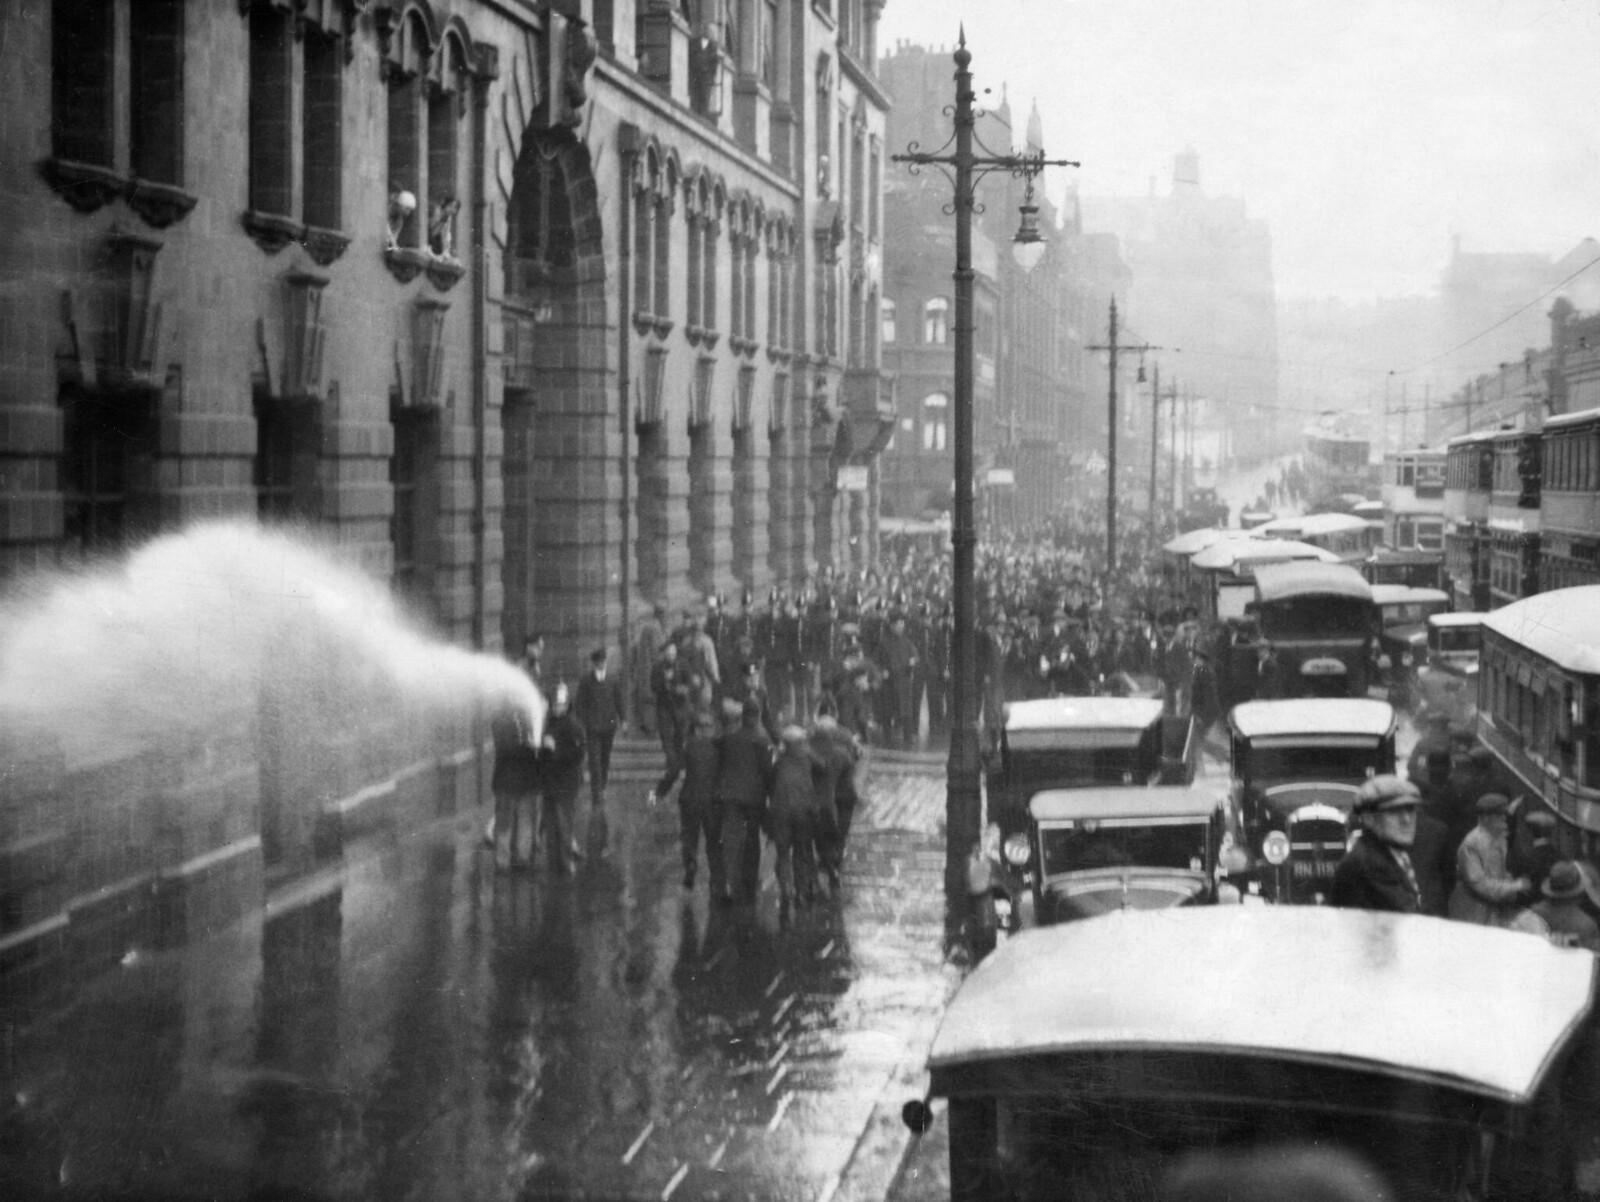 7 октября. Пожарные пытаются разогнать демонстрацию, организованную Национальным движением безработных (NUWM) на перекрестке Фэрфилд-стрит в Манчестере. Марш был протестом против сокращения пособий по безработице, инвалидности,  а так же детских пособий